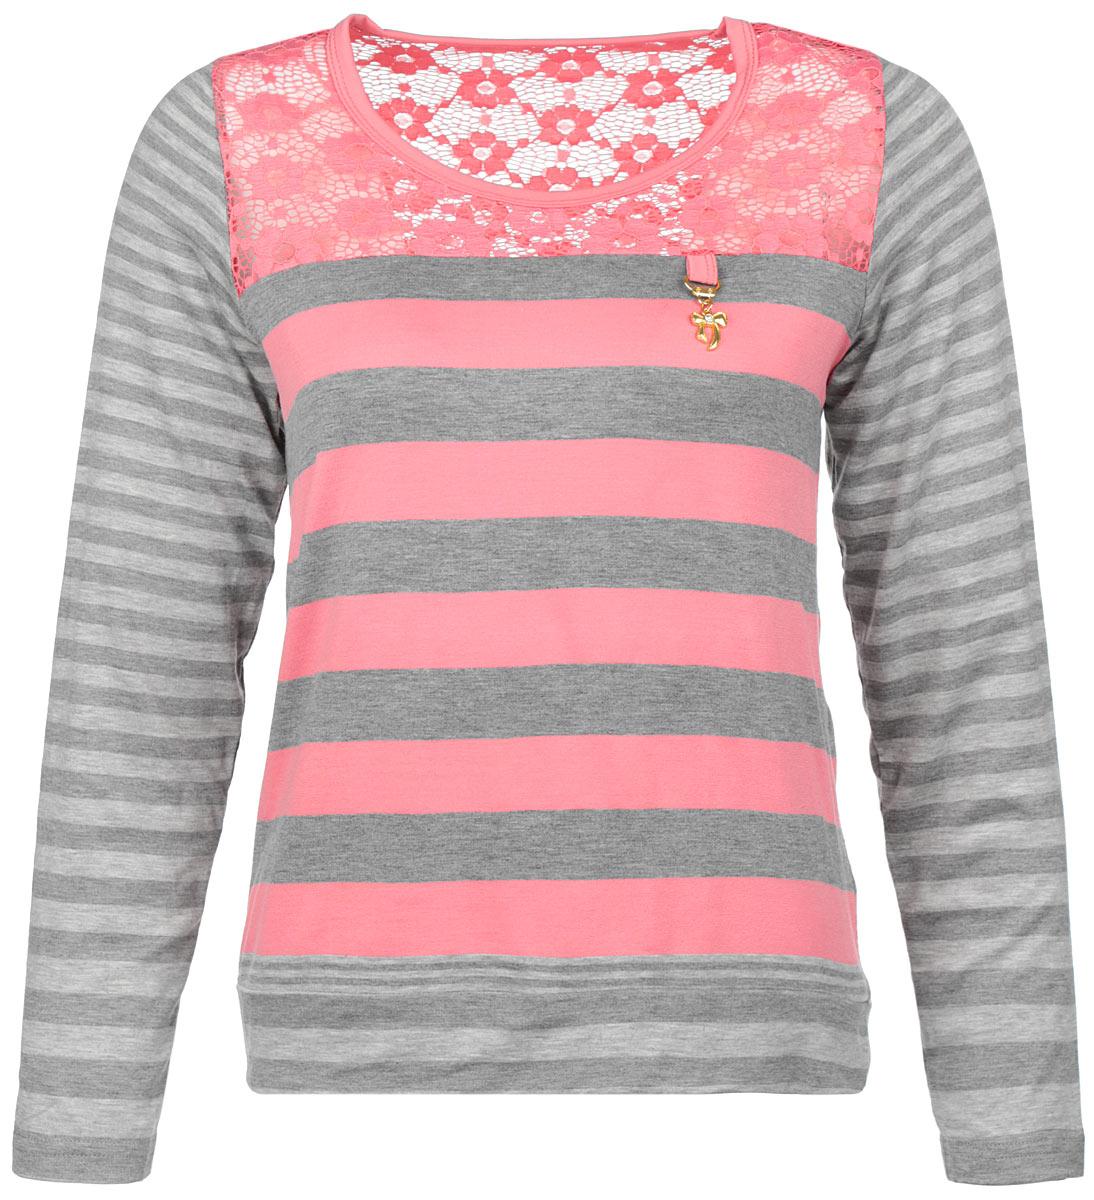 Блузка женская Milana Style, цвет: розовый, серый. 1308-314. Размер 501308-314Стильная блузка Milana Style, выполненная из вискозы с добавлением эластана, подчеркнет ваш уникальный стиль и поможет создать оригинальный женственный образ. Материал очень легкий, мягкий и приятный на ощупь, не сковывает движения и хорошо вентилируется. Блузка с длинными рукавами и круглым воротником оформлена принтом полоски. Область выреза горловины с лицевой стороны и на спинке выполнена кружевом с цветочным узором. На груди блузка декорирована металлической подвеской в виде бантика. Модная блузка займет достойное место в вашем гардеробе.